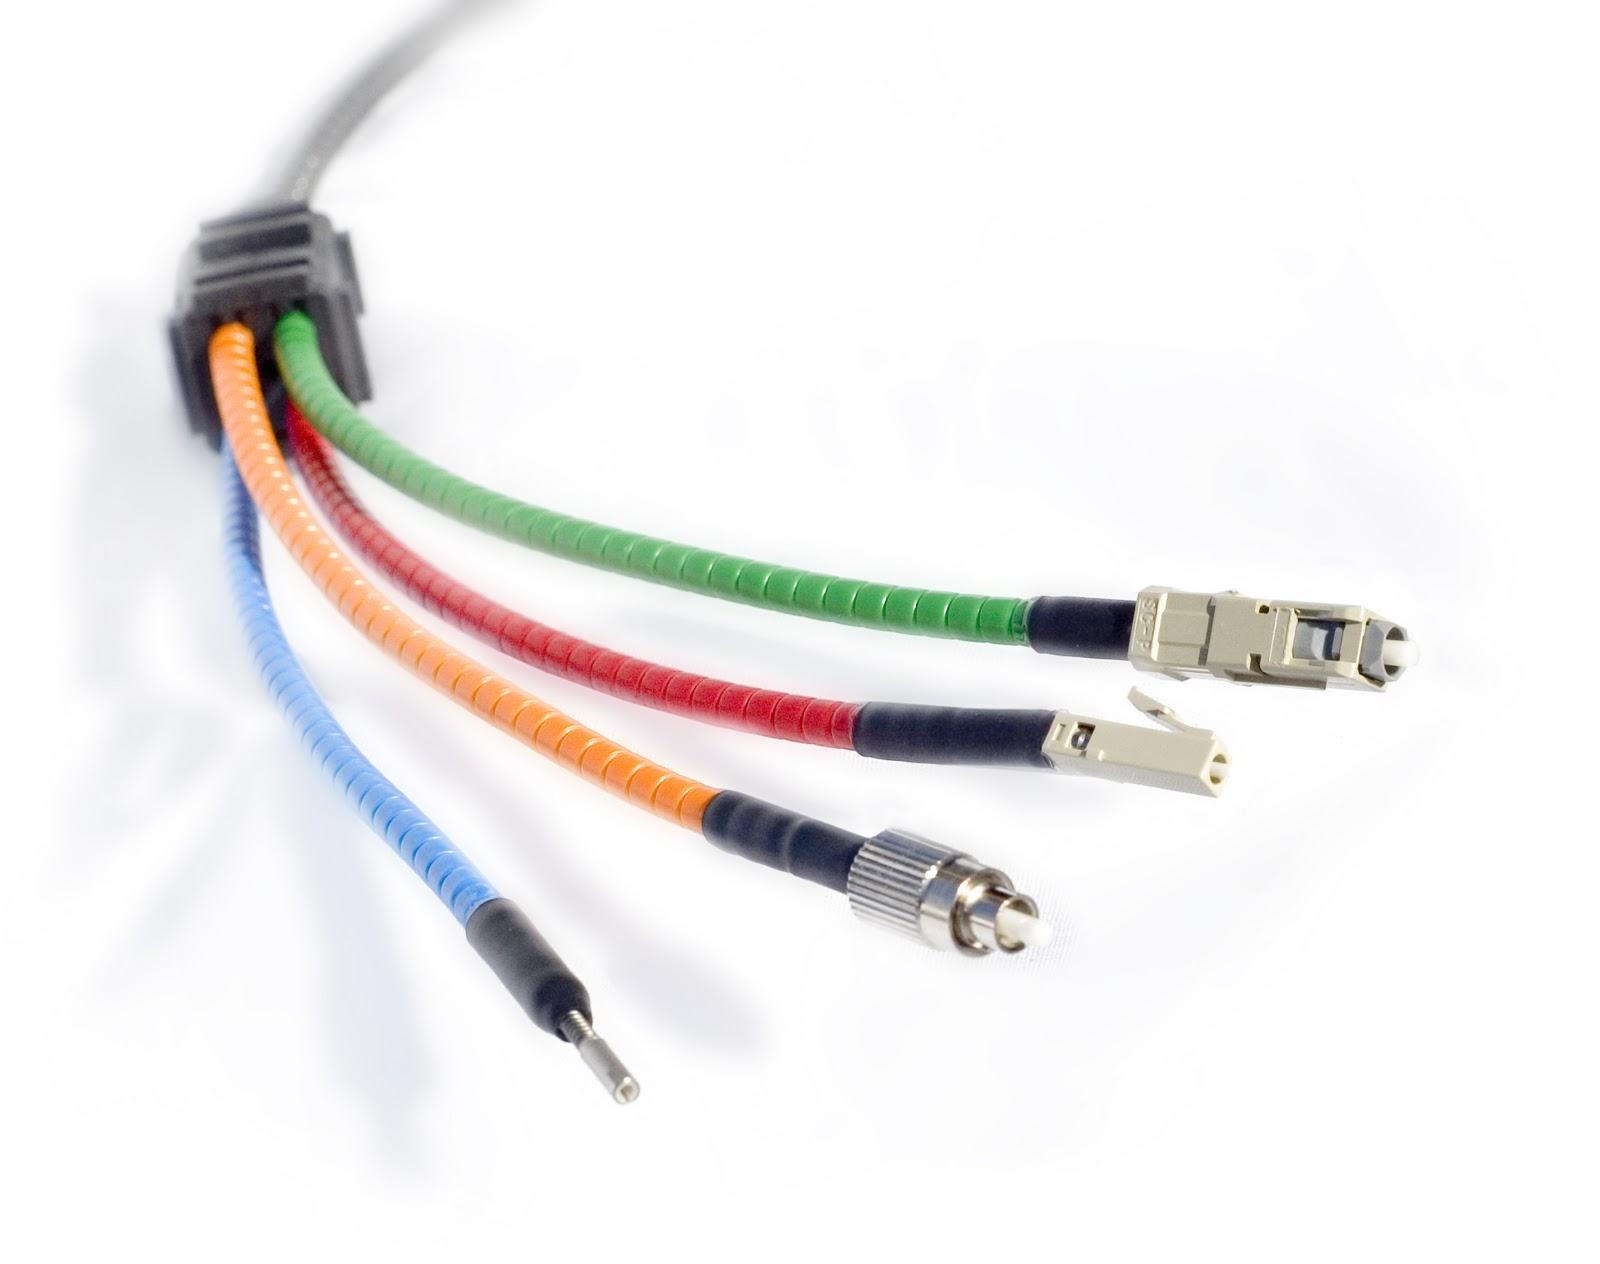 Optic fibre cable stripper